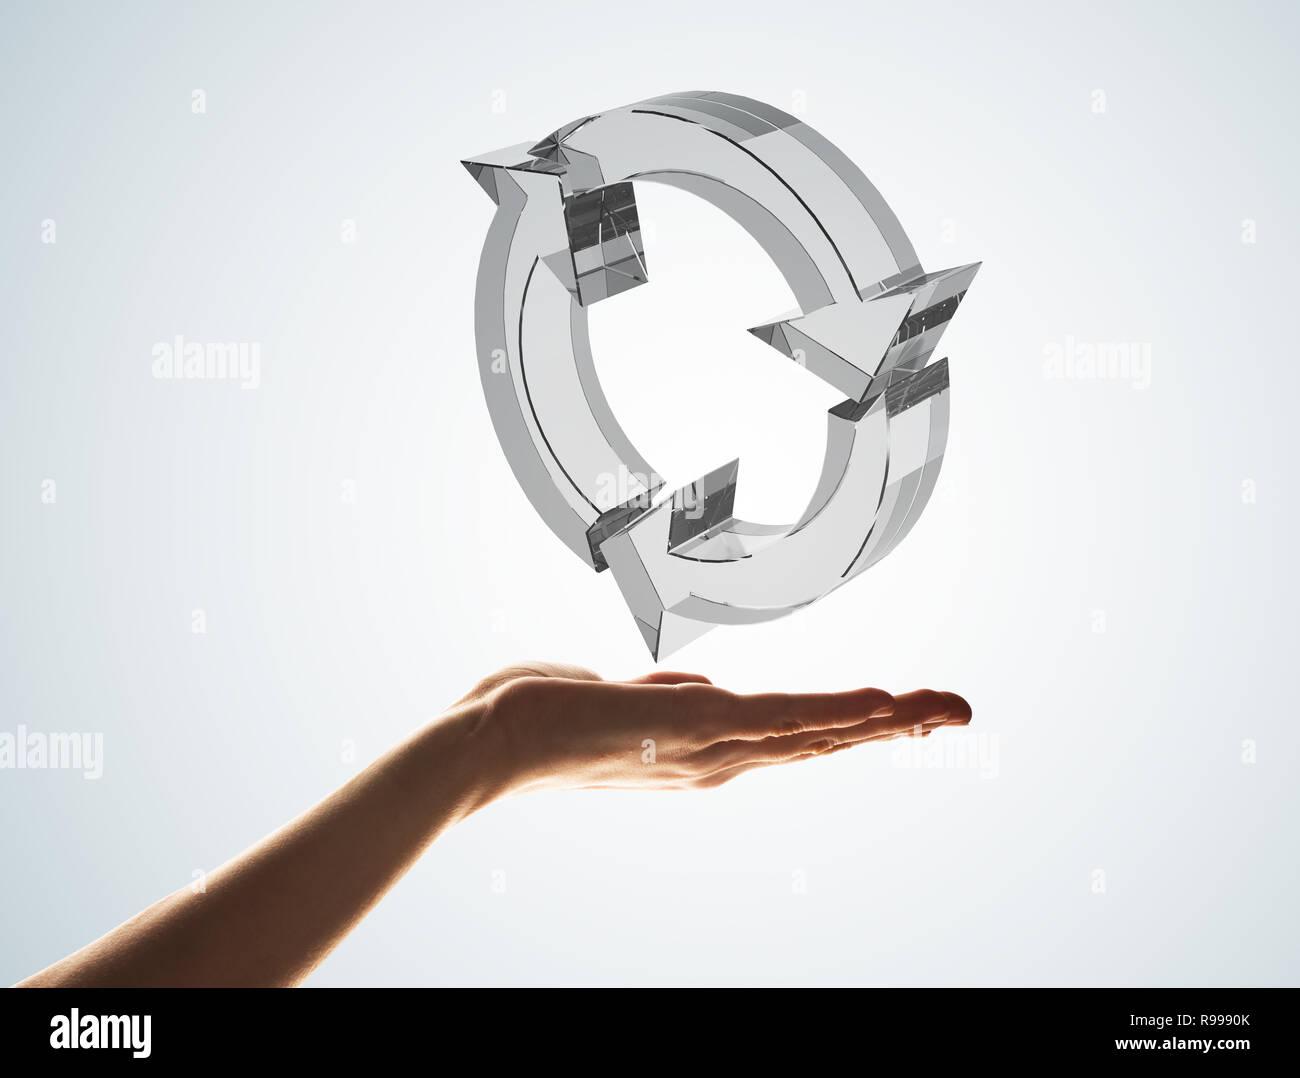 Concetto di riutilizzare e riciclare presentato da icona di vetro in palm Immagini Stock